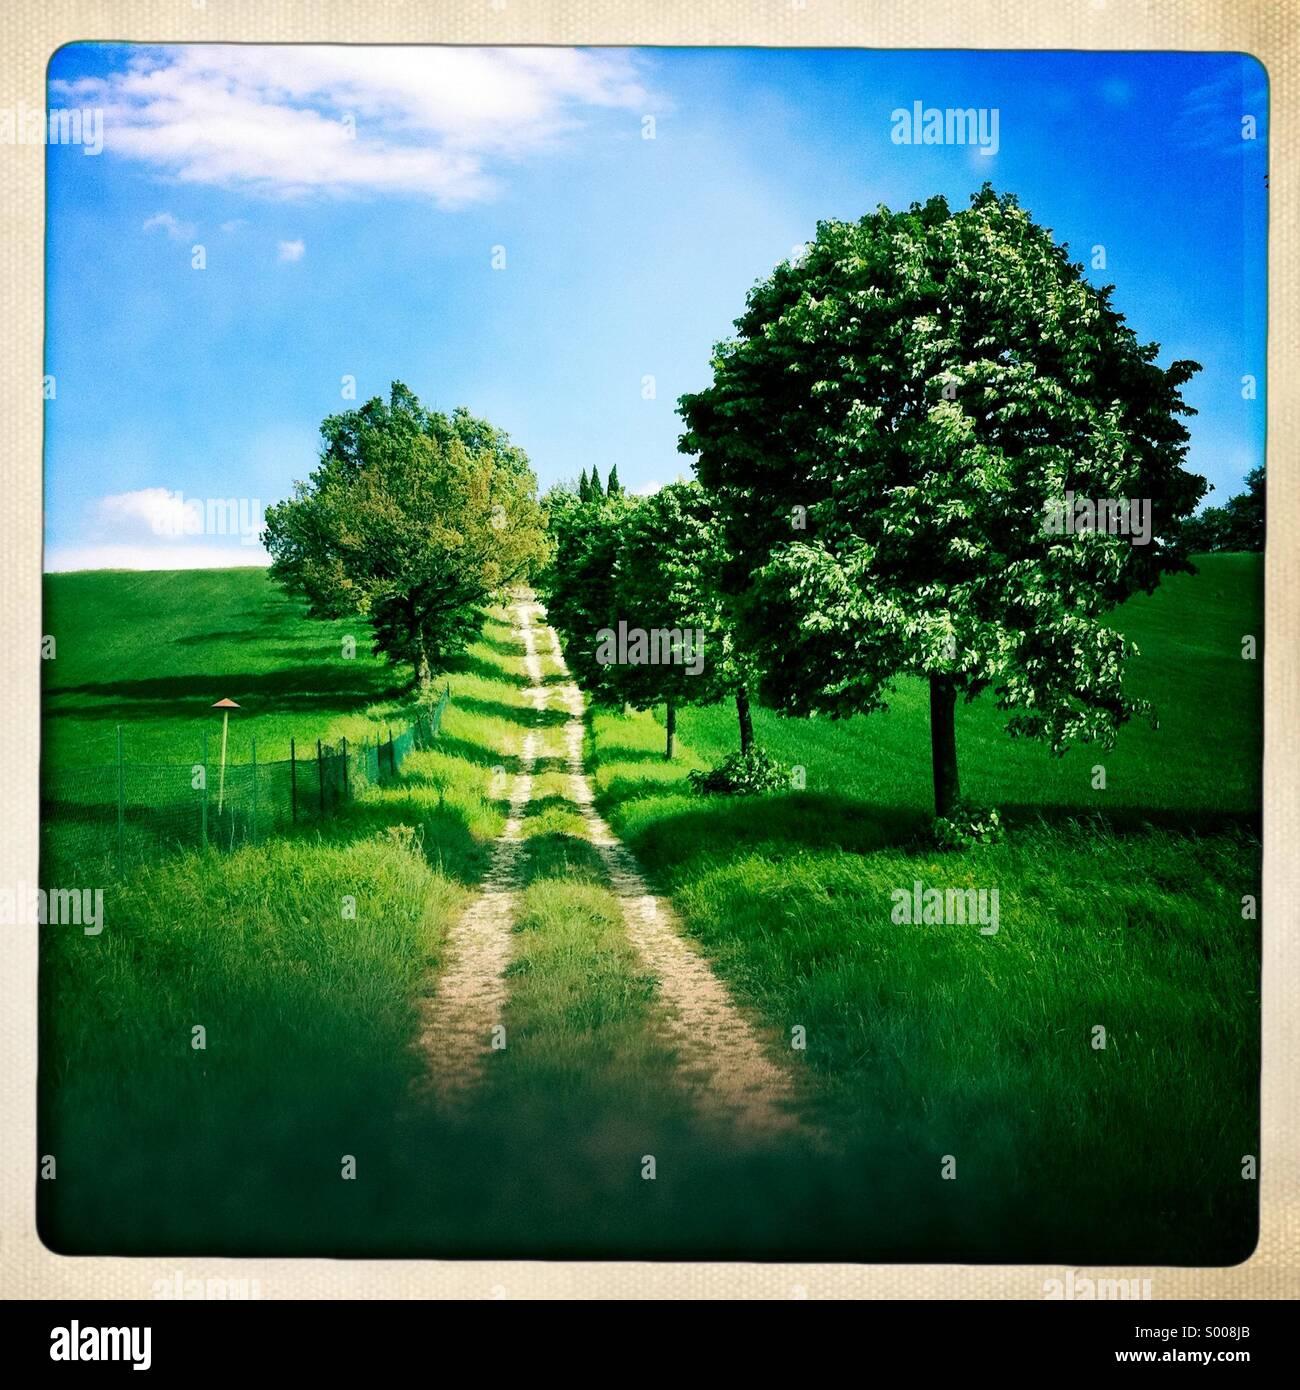 Pequeño país largo camino con árboles en un día de verano con el cielo azul brillante Imagen De Stock